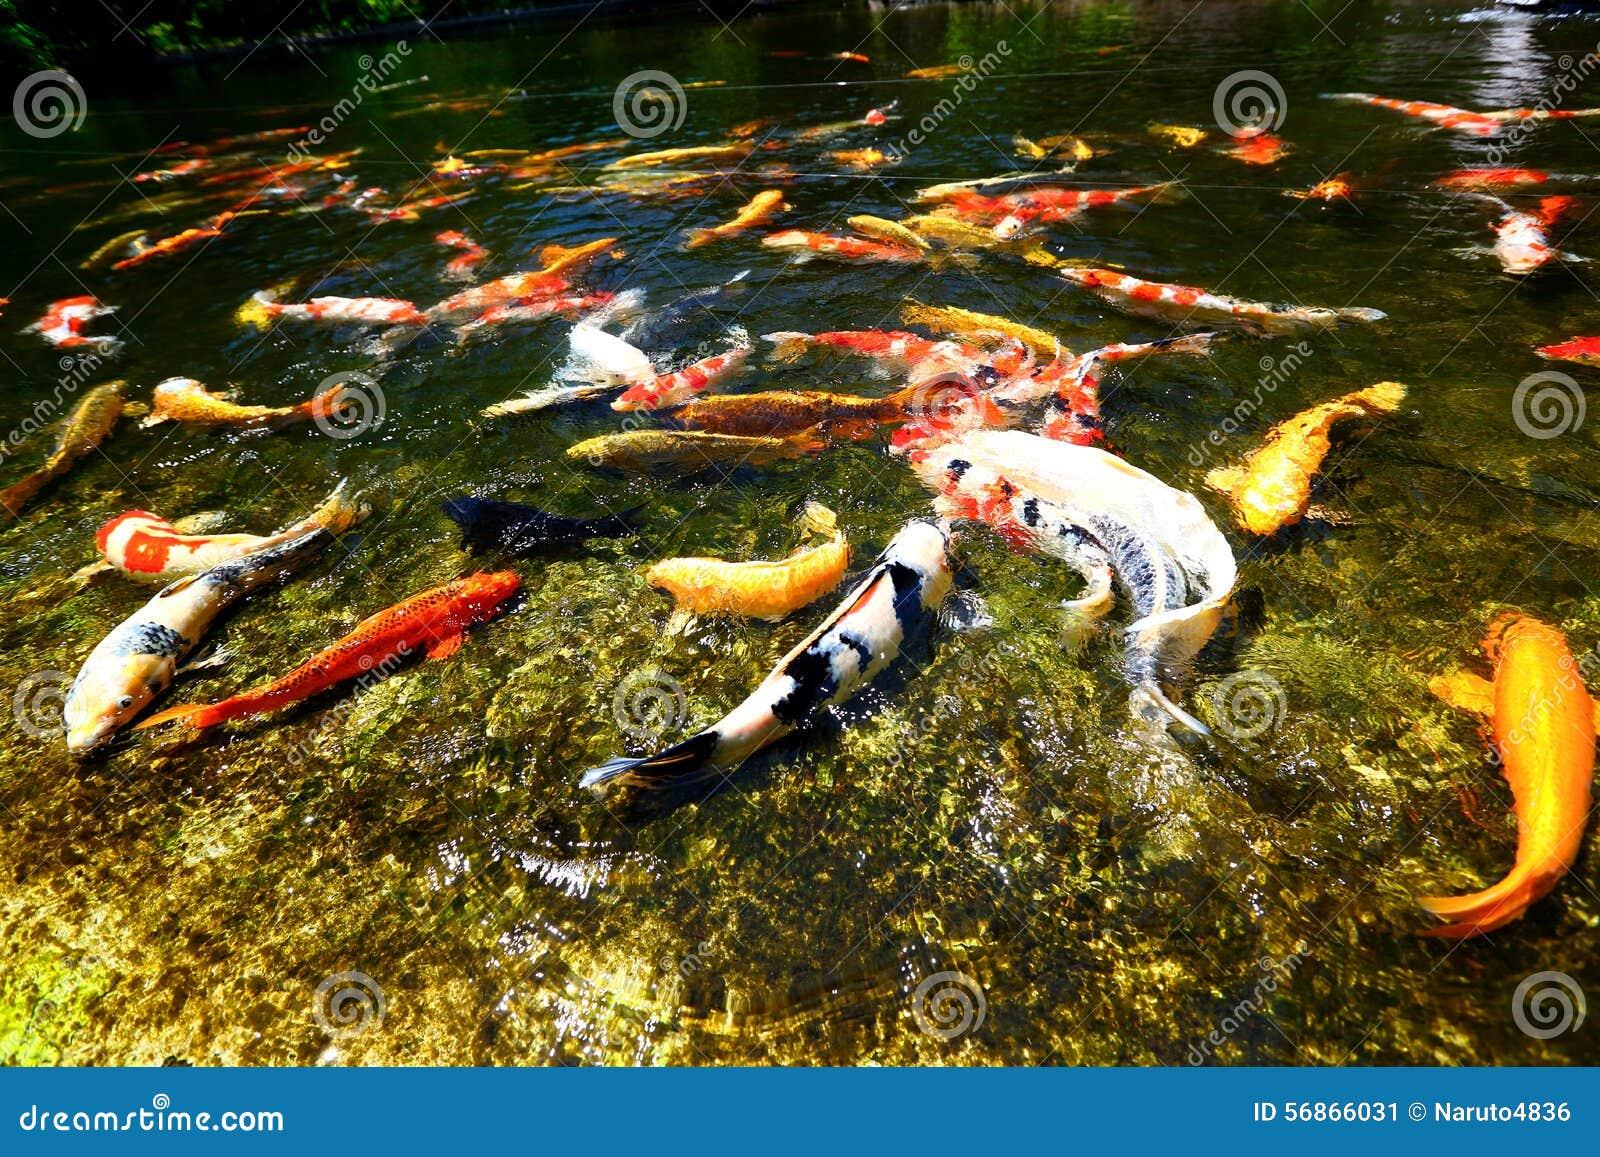 Stagno di pesce di koi fotografia stock immagine 56866031 for Pesci da stagno